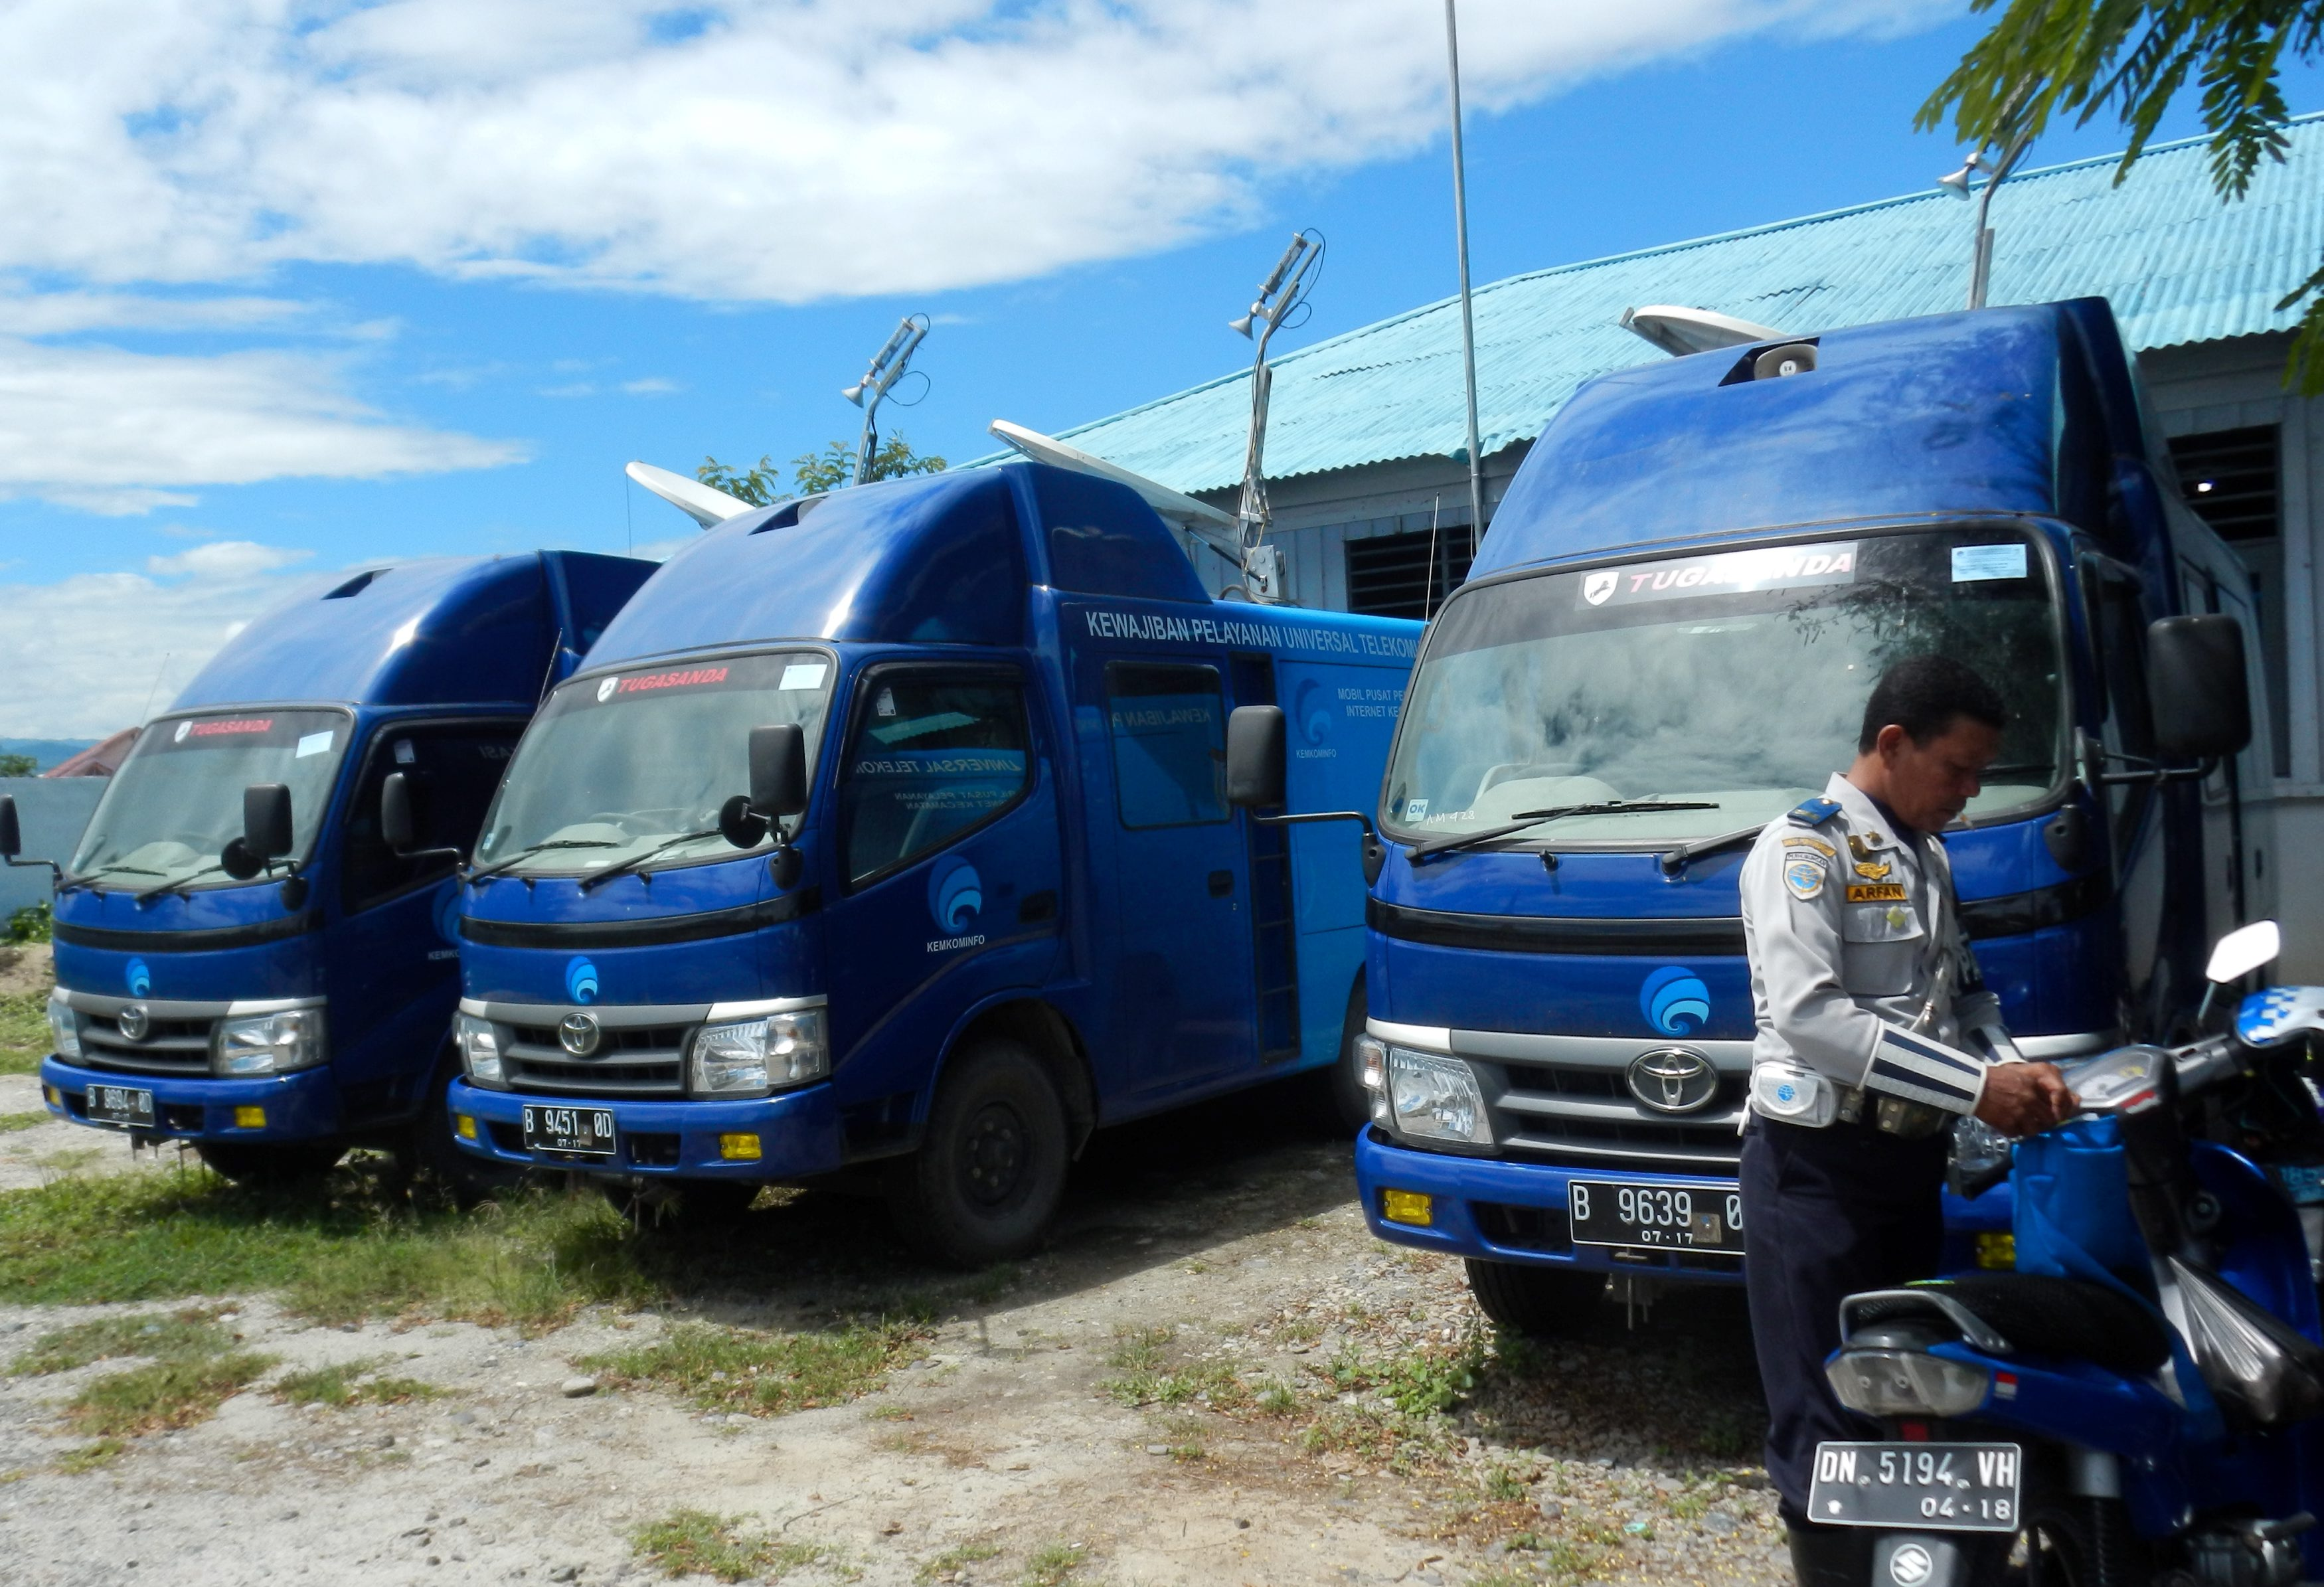 Anggota DPR Sayangkan Mobil Internet Kecamatan Terbengkalai